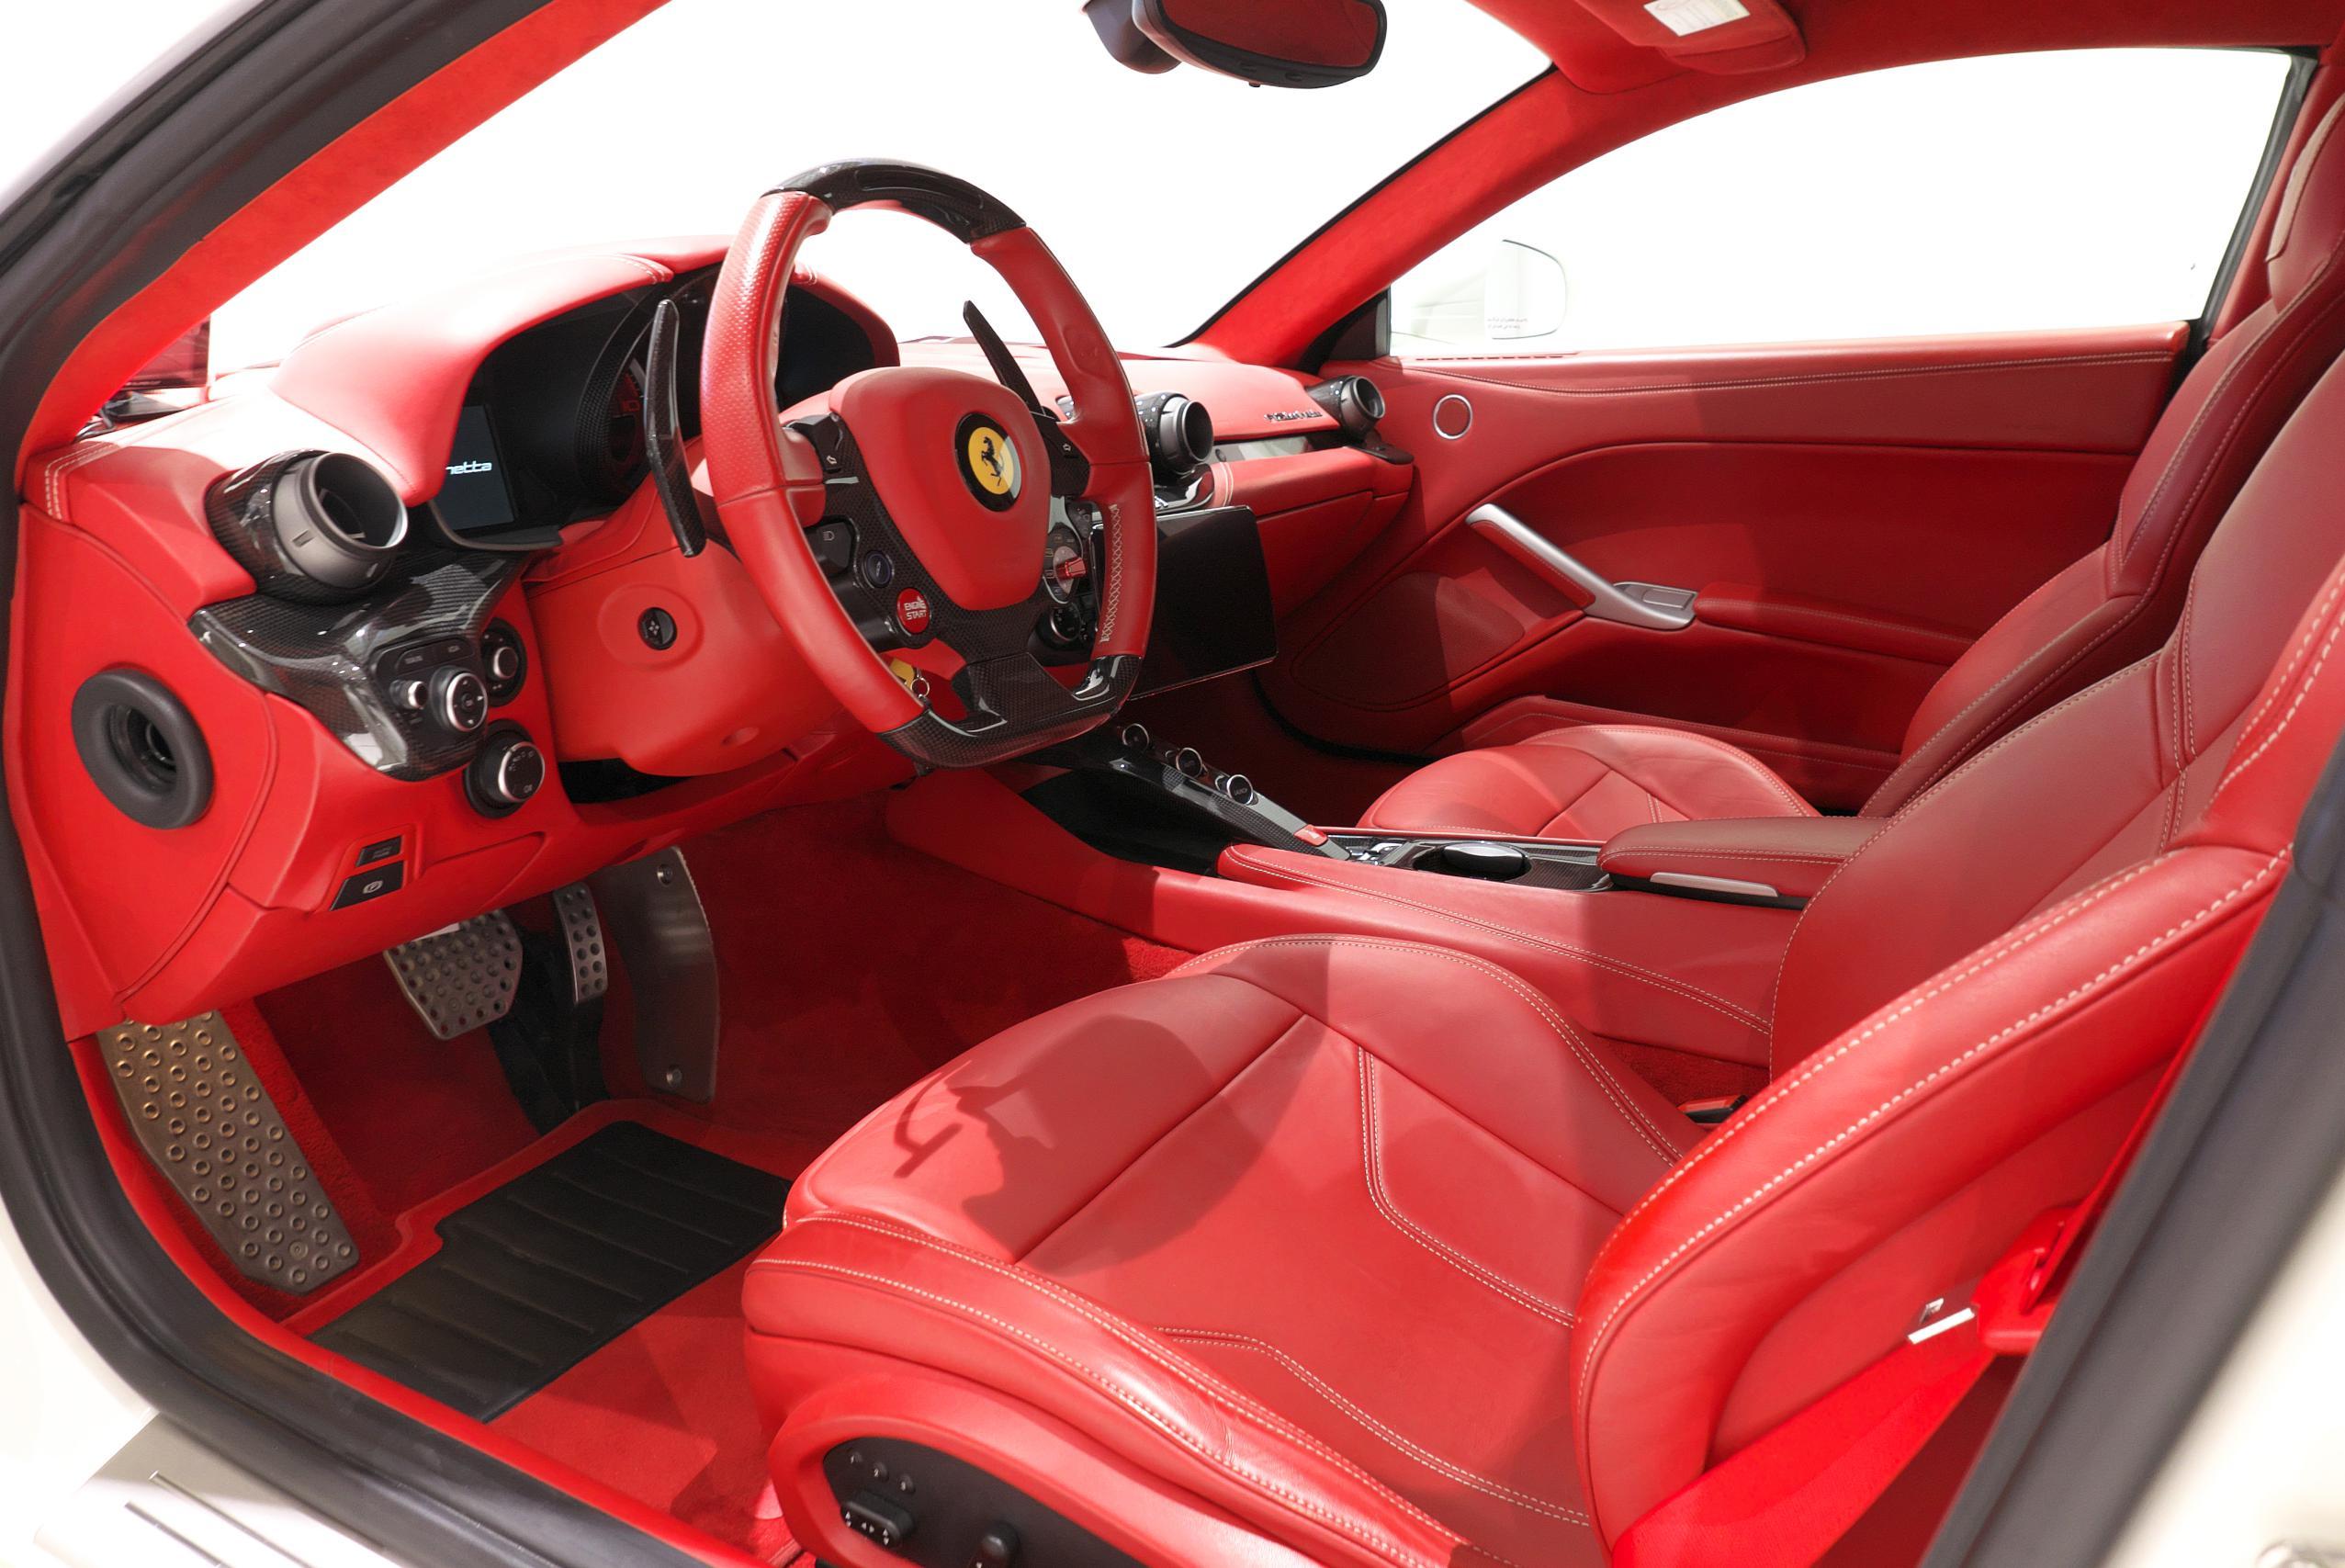 フェラーリ F12 ベルリネッタ 運転席 02